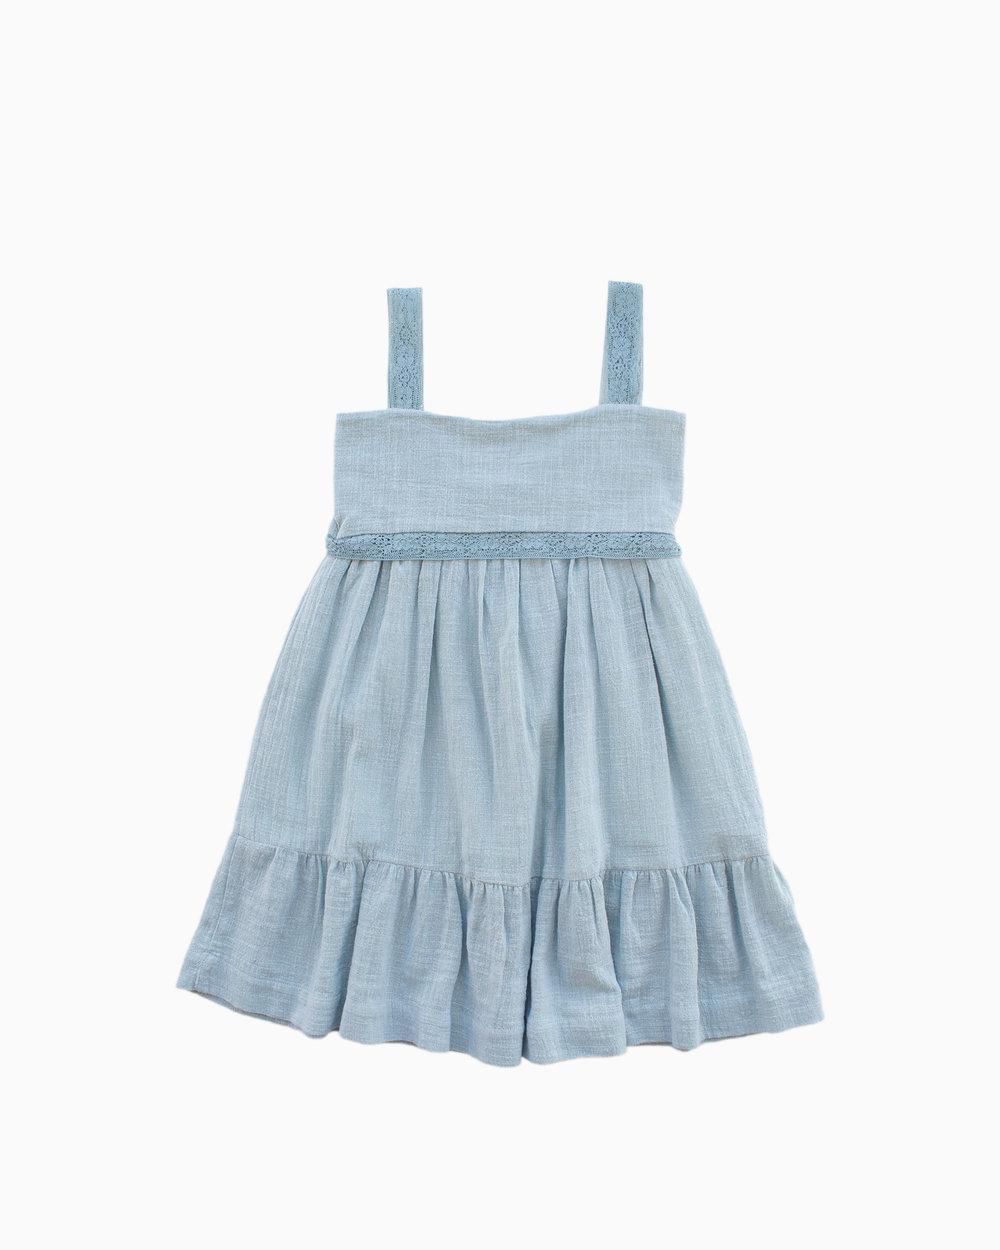 Naxos-Dress-06.jpg